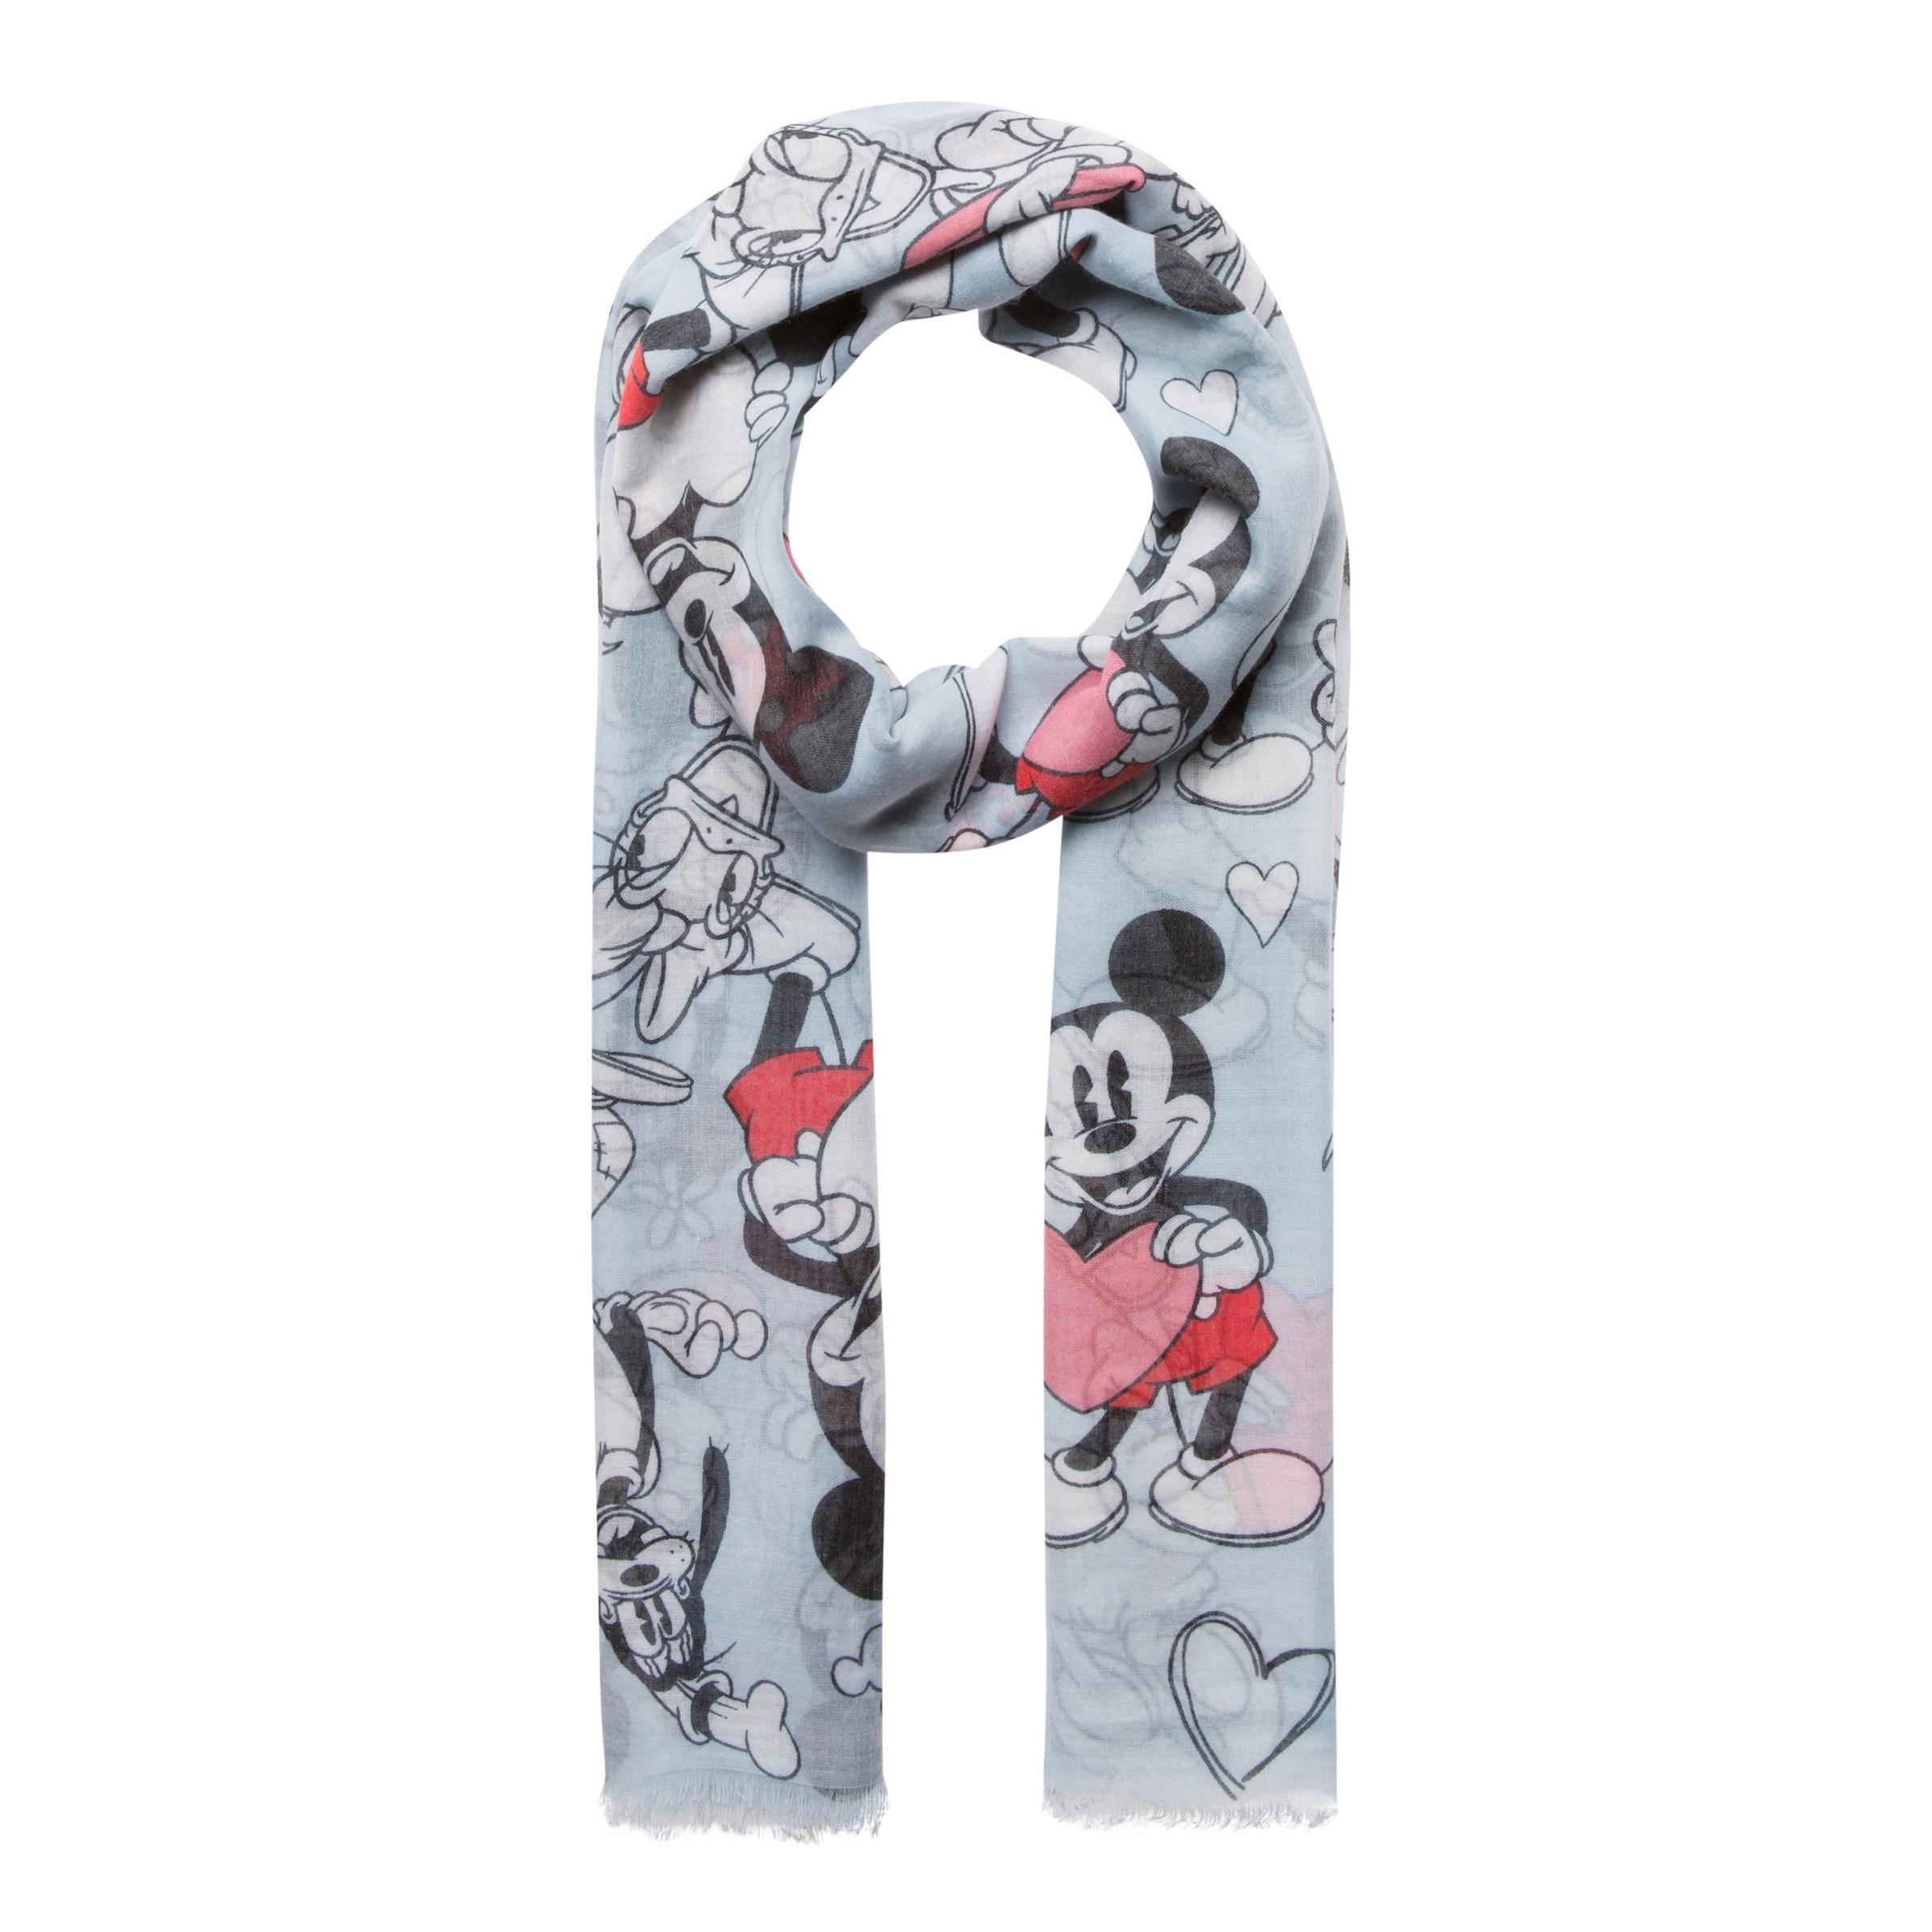 Schnelle Lieferung Spielraum Vorbestellung CODELLO Schal mit Disney-Muster Auslass Bilder Angebot Zum Verkauf G1axH0OVDX